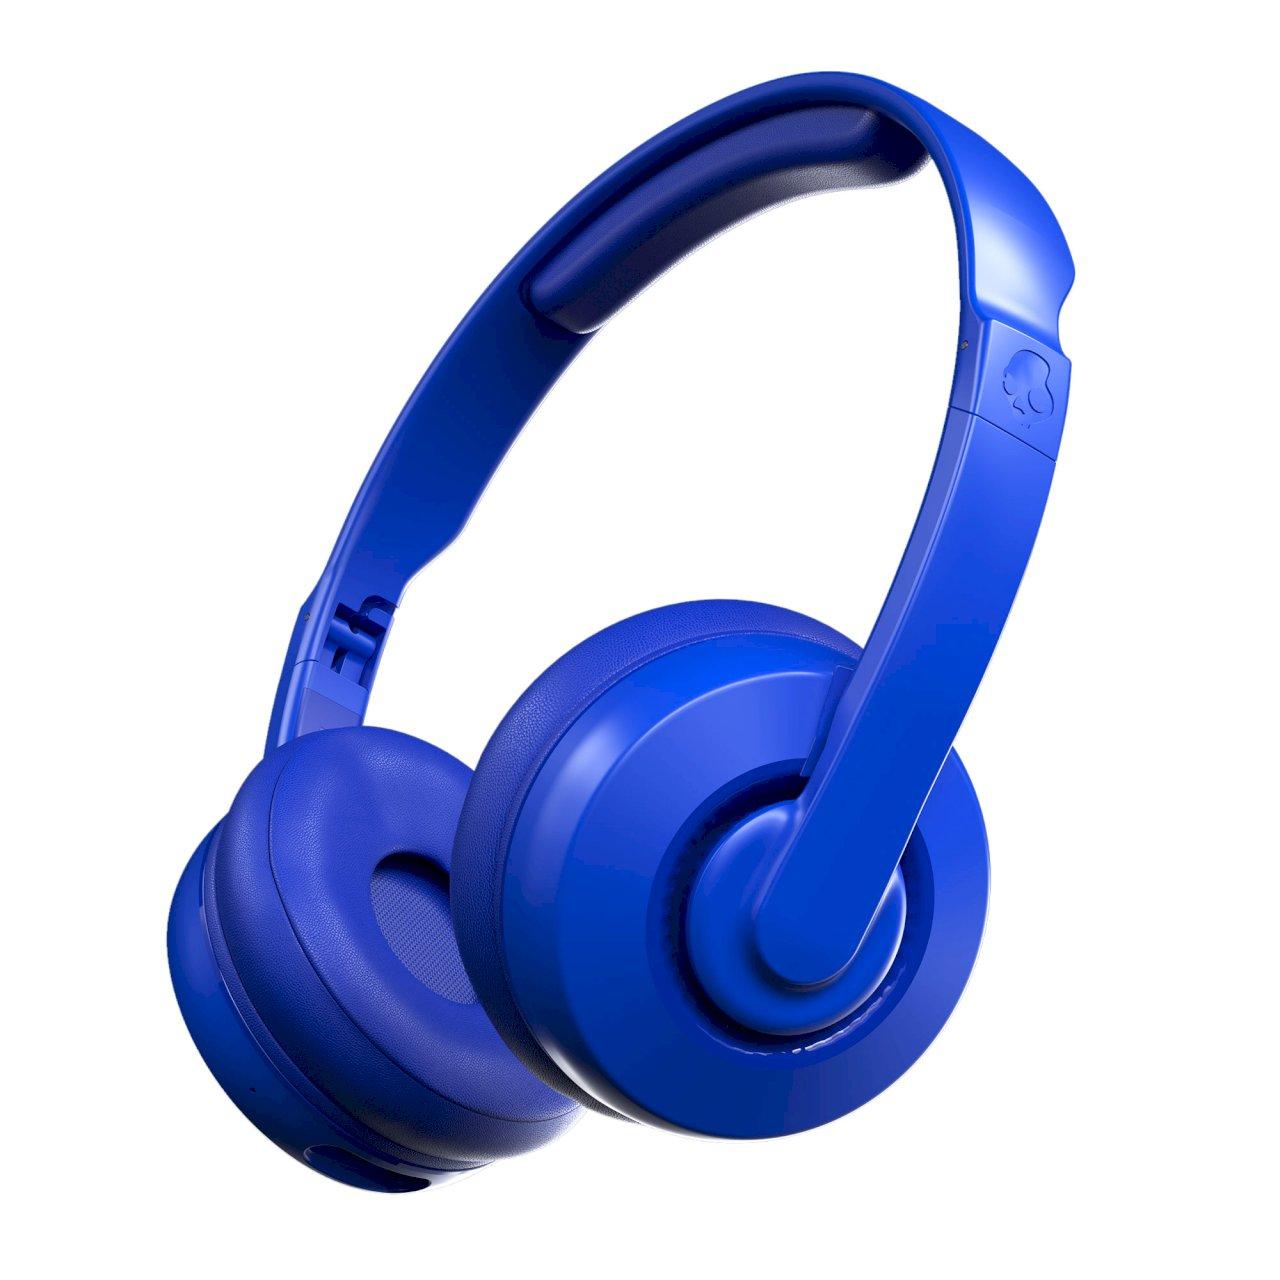 Cassette Durable On Ear Wireless Headphones Skullcandy Com